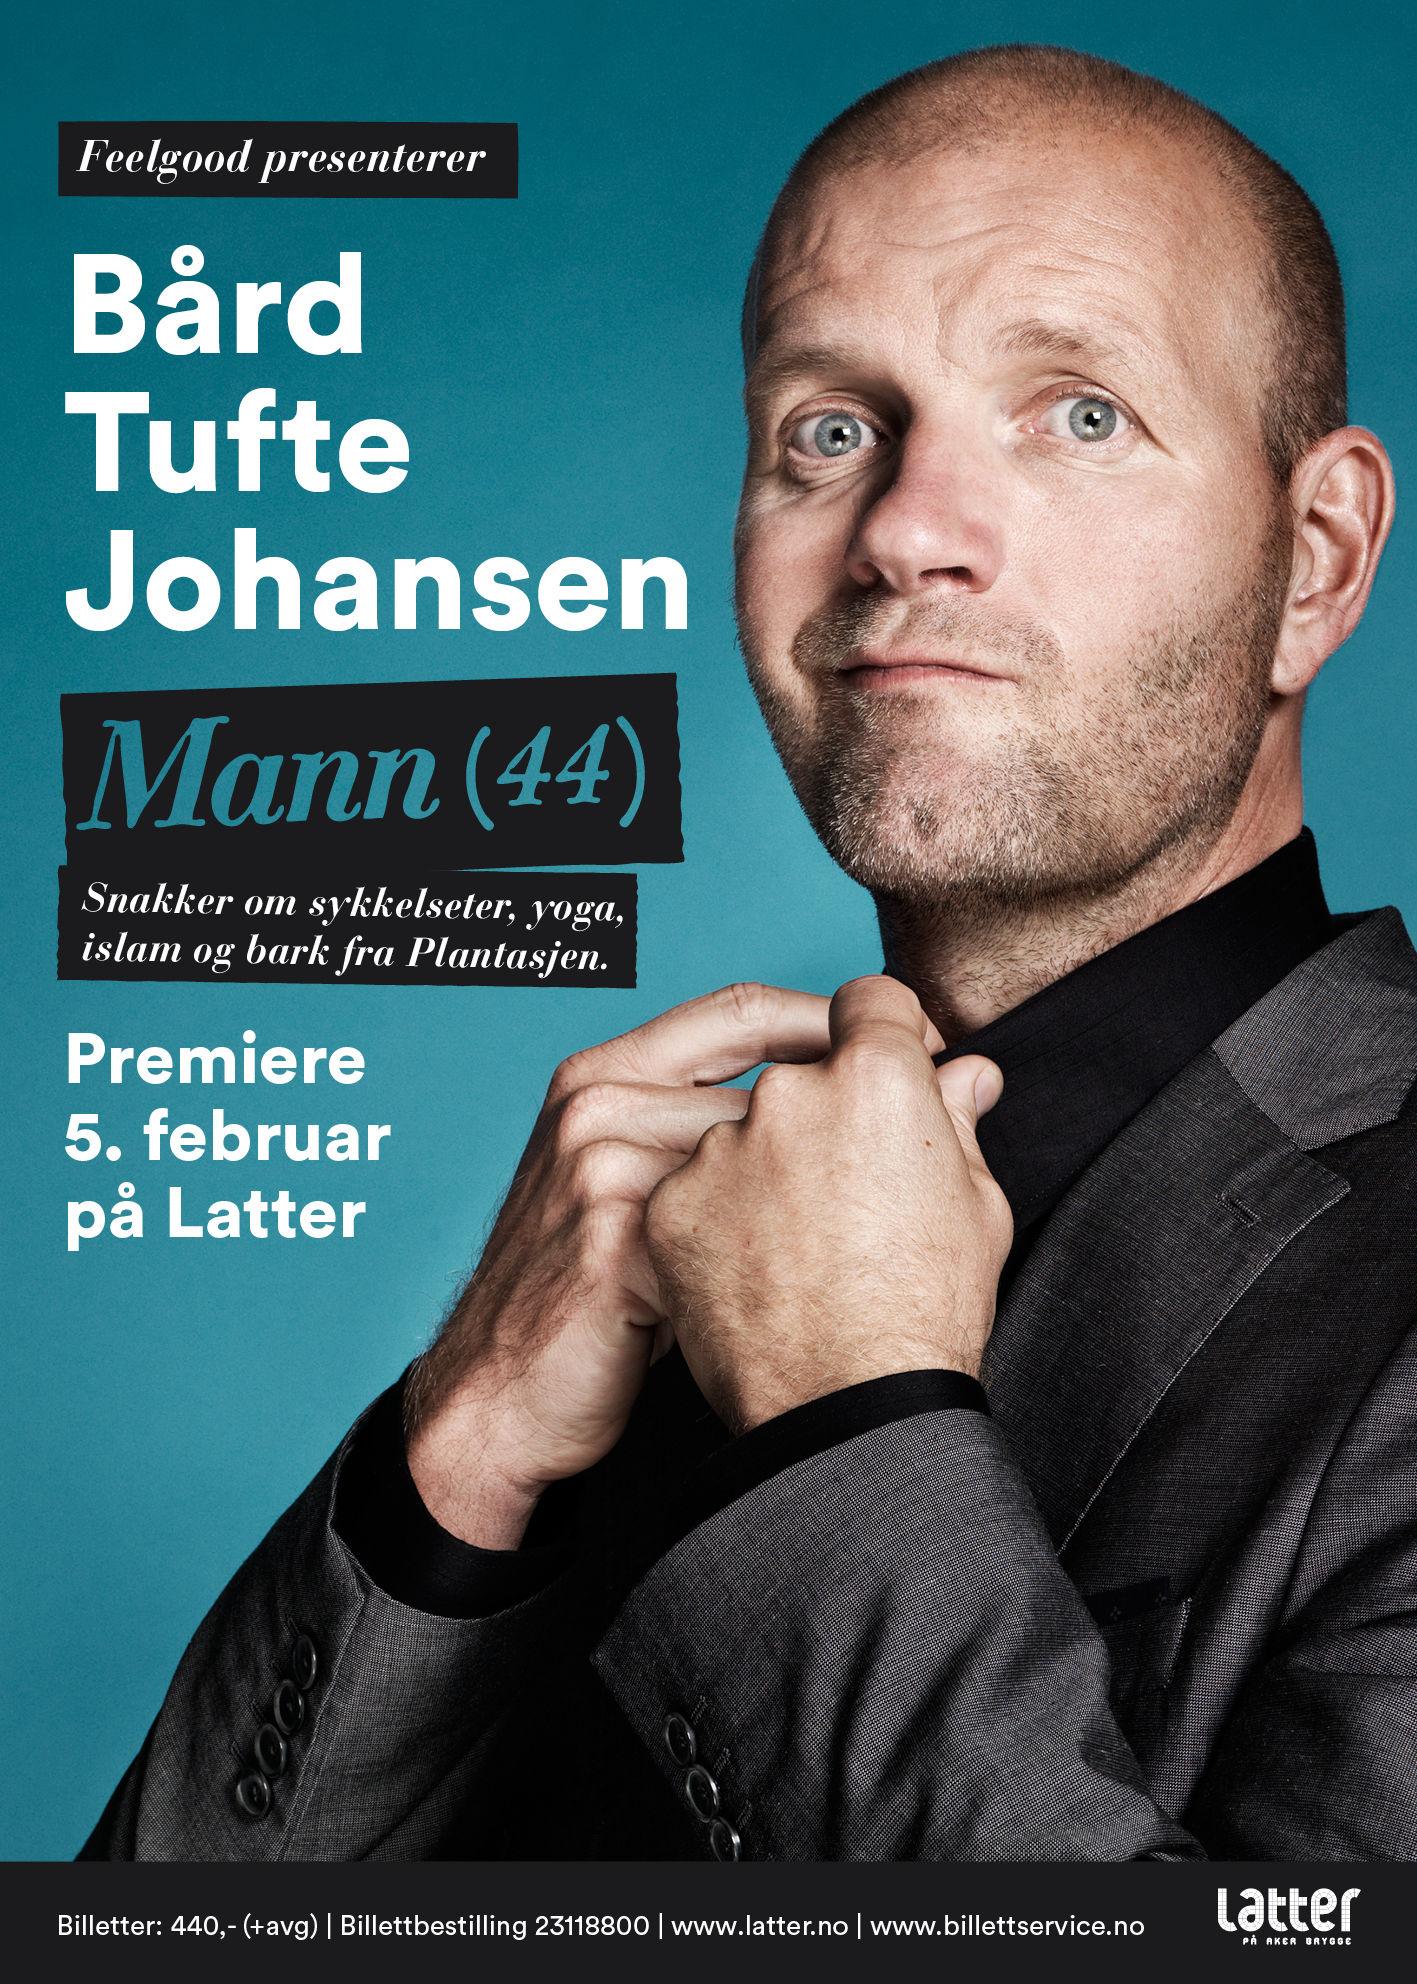 Mann (44)